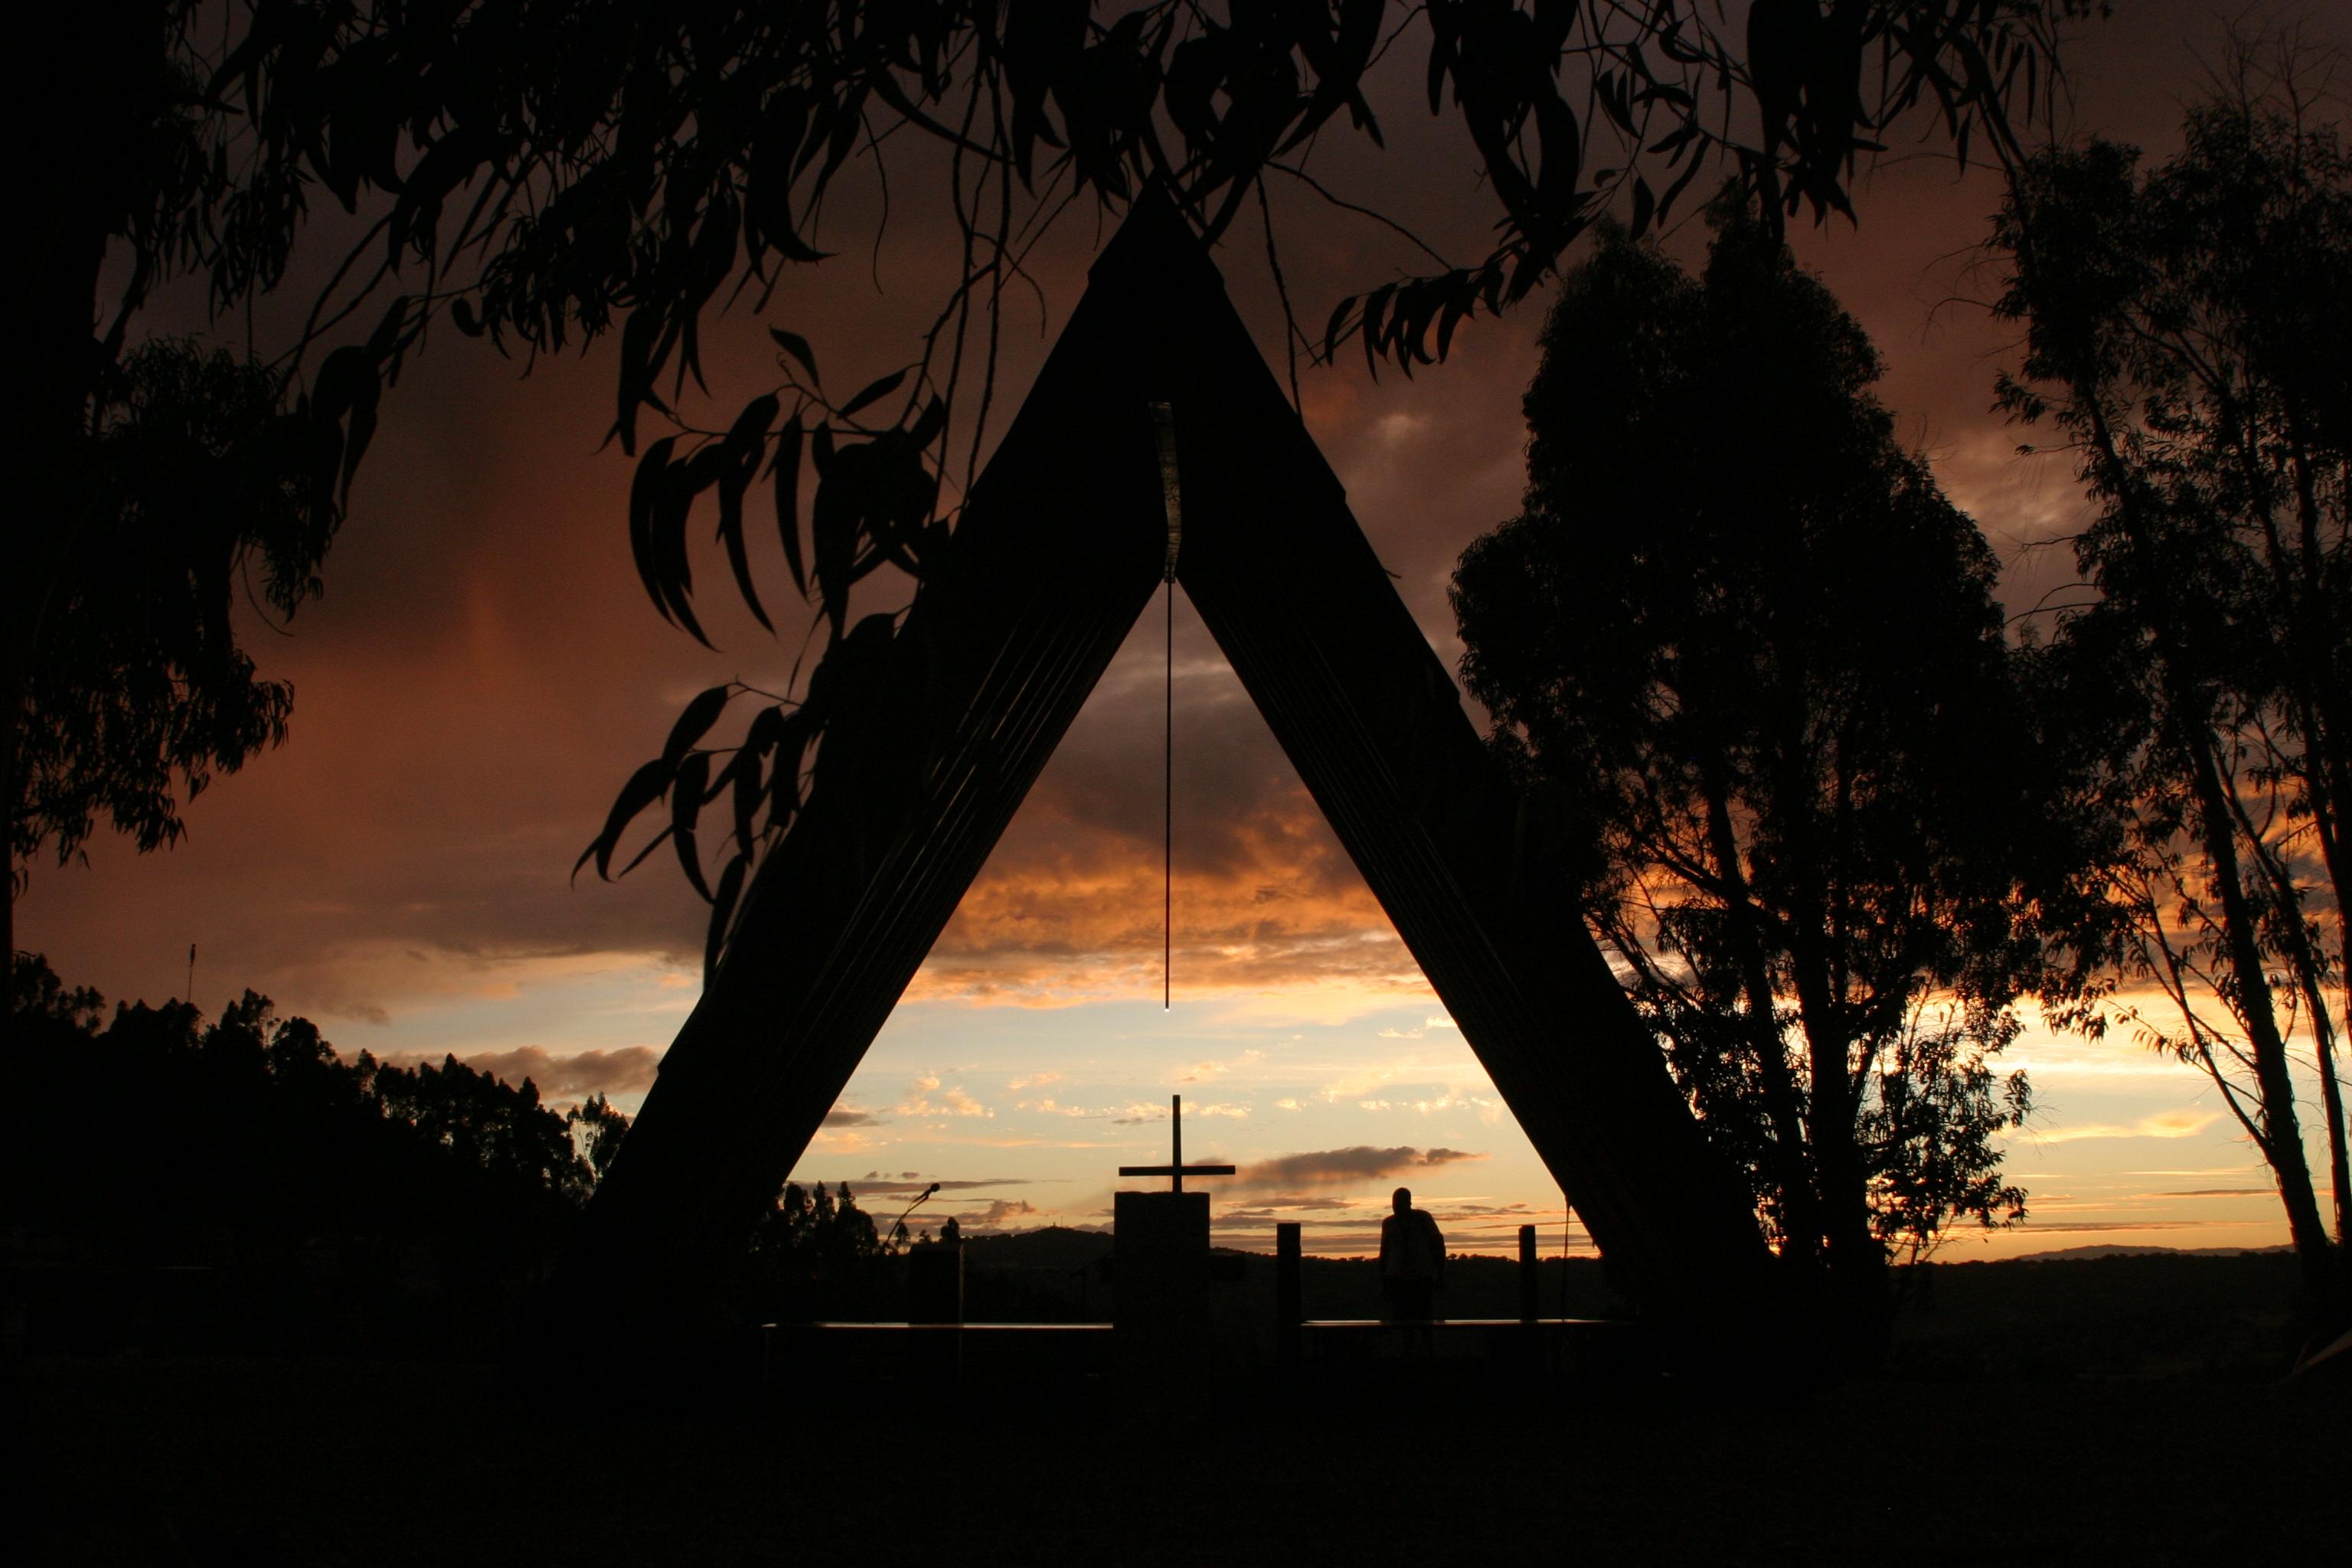 Arquitetura e religião unem-se em Idanha-a-Nova na primeira capela em formato de tenda